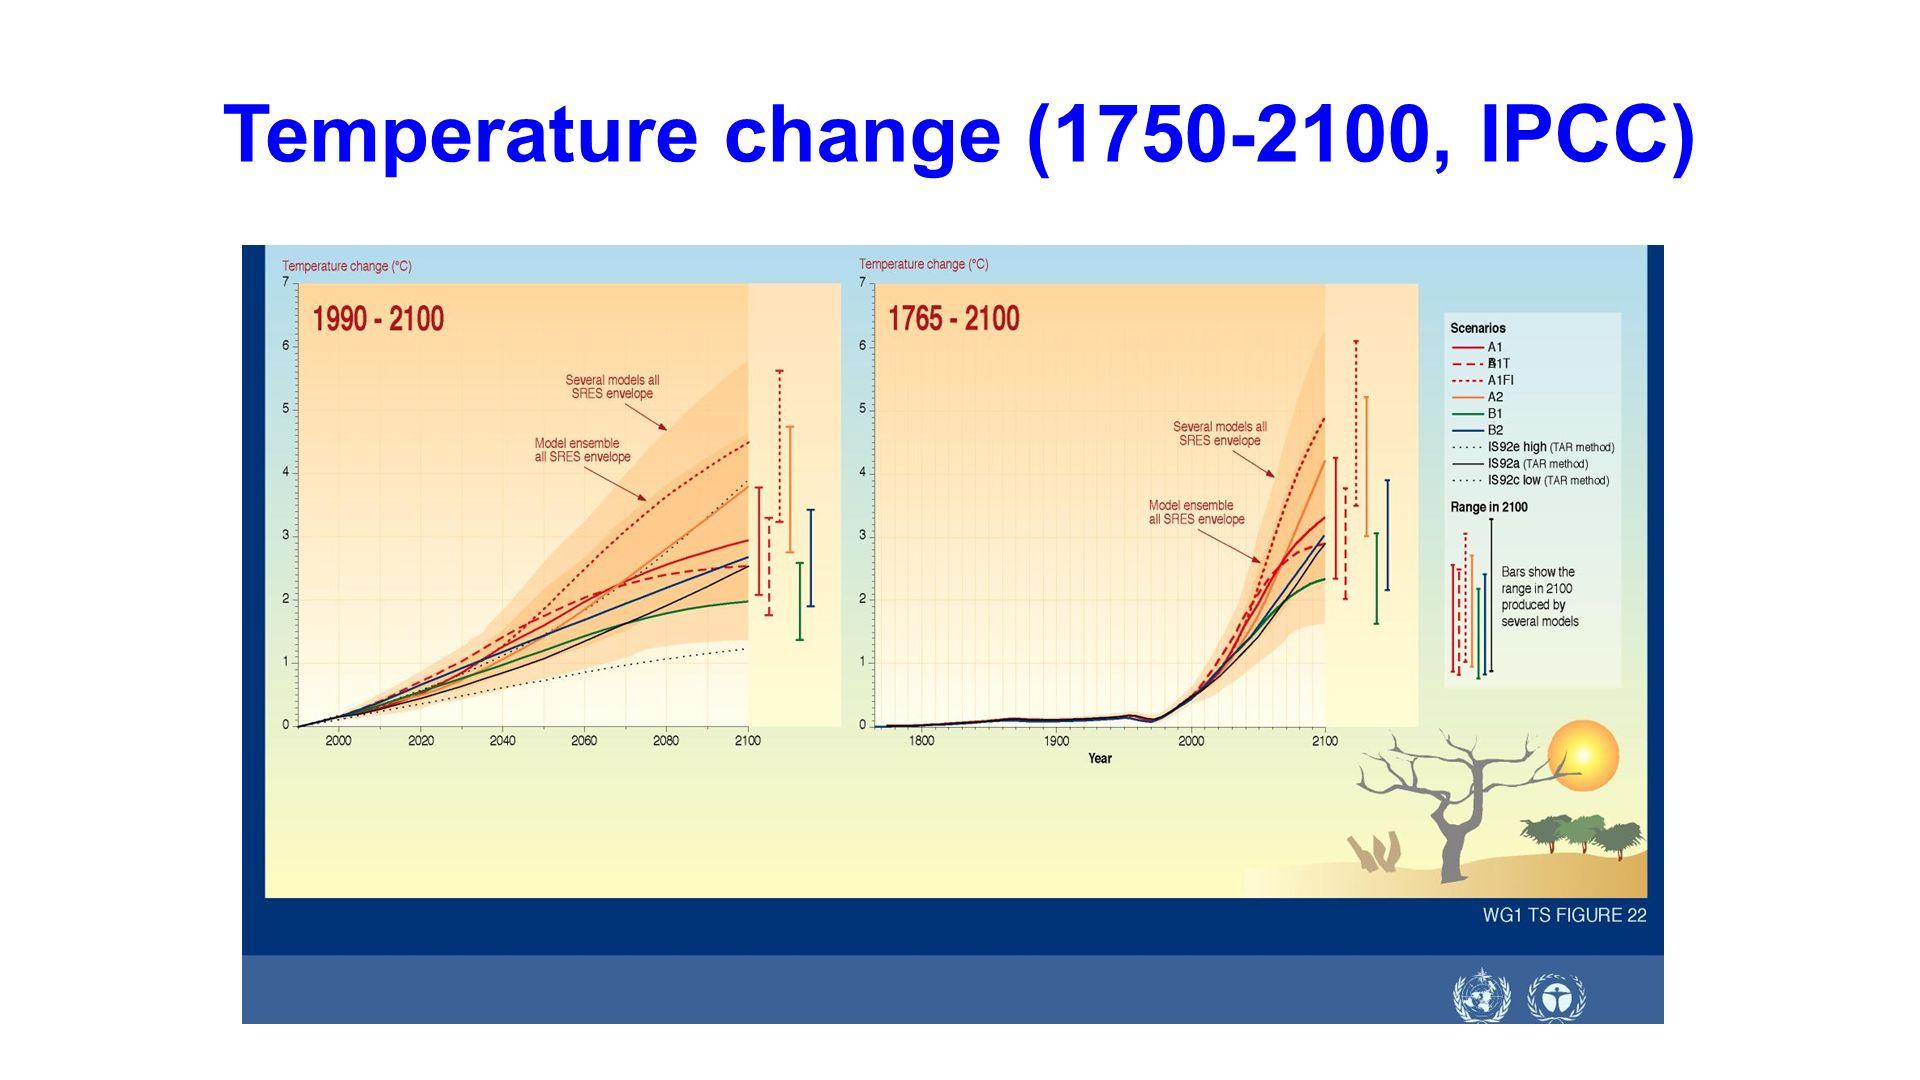 Temperature change (1750-2100, IPCC)